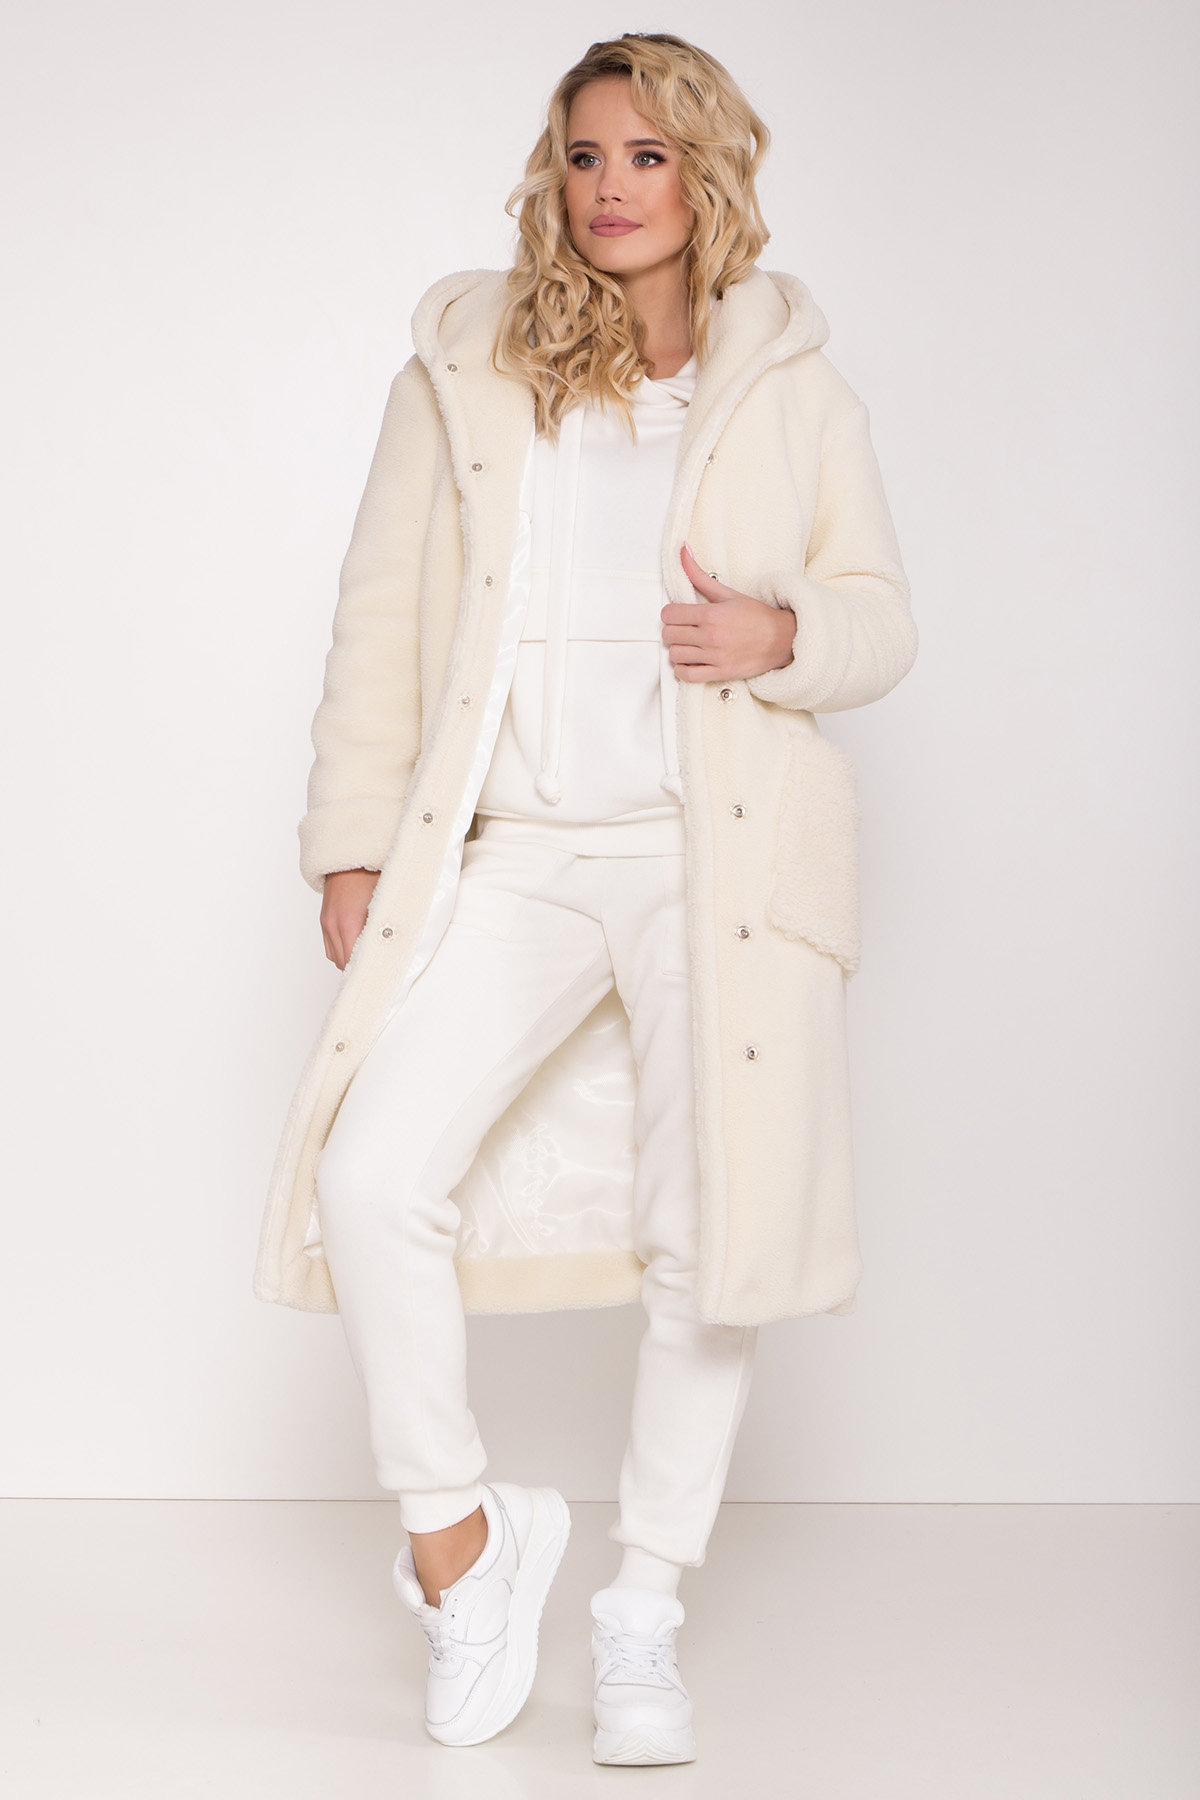 Пальто из искусственного меха Анита 8197 АРТ. 44955 Цвет: Молоко - фото 4, интернет магазин tm-modus.ru